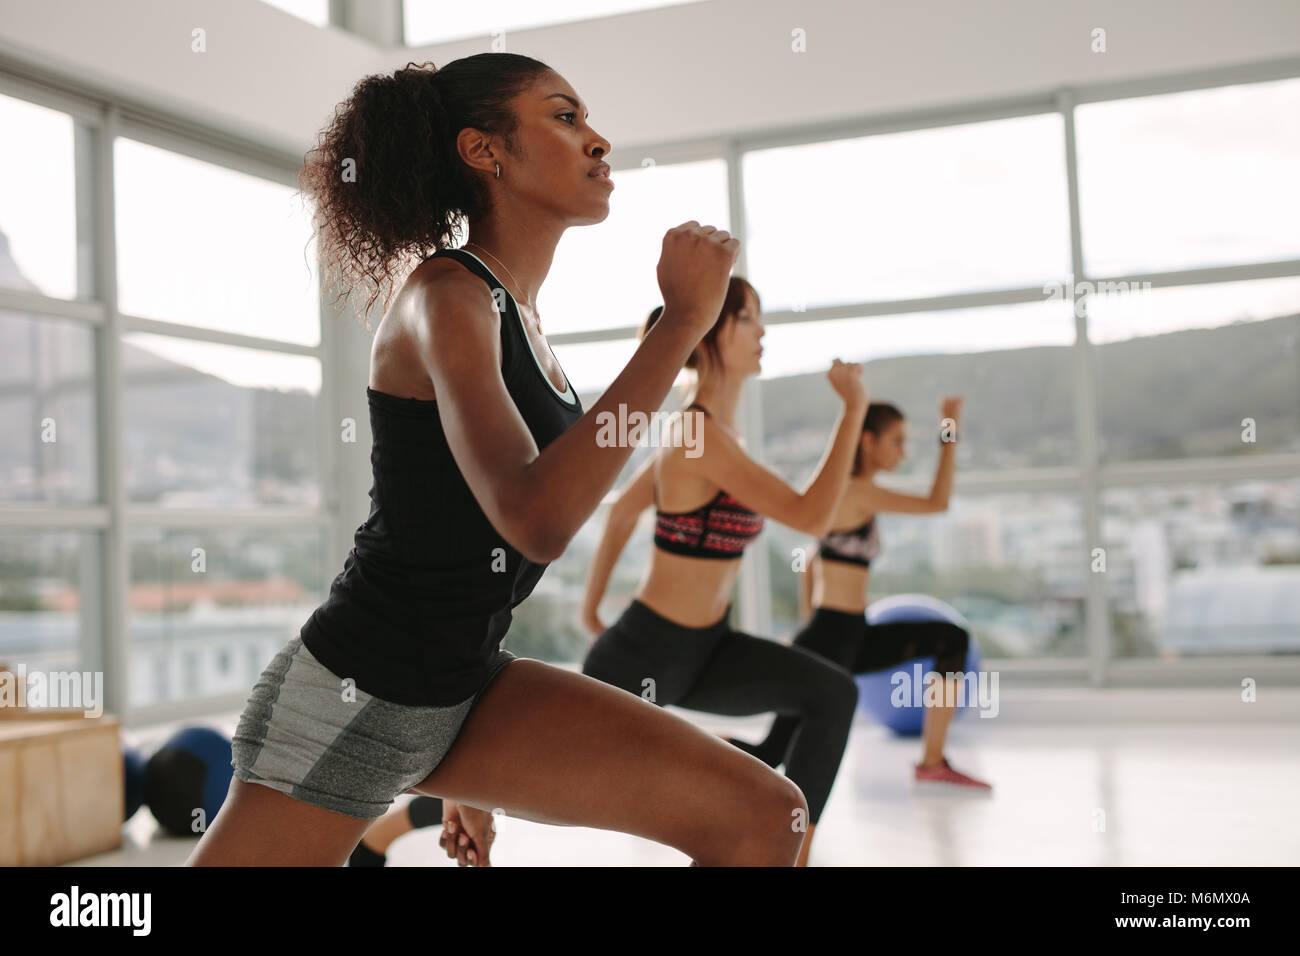 Jeune femme dans les vêtements de sport faire de l'exercice intensif au cours de la formation en cours Photo Stock